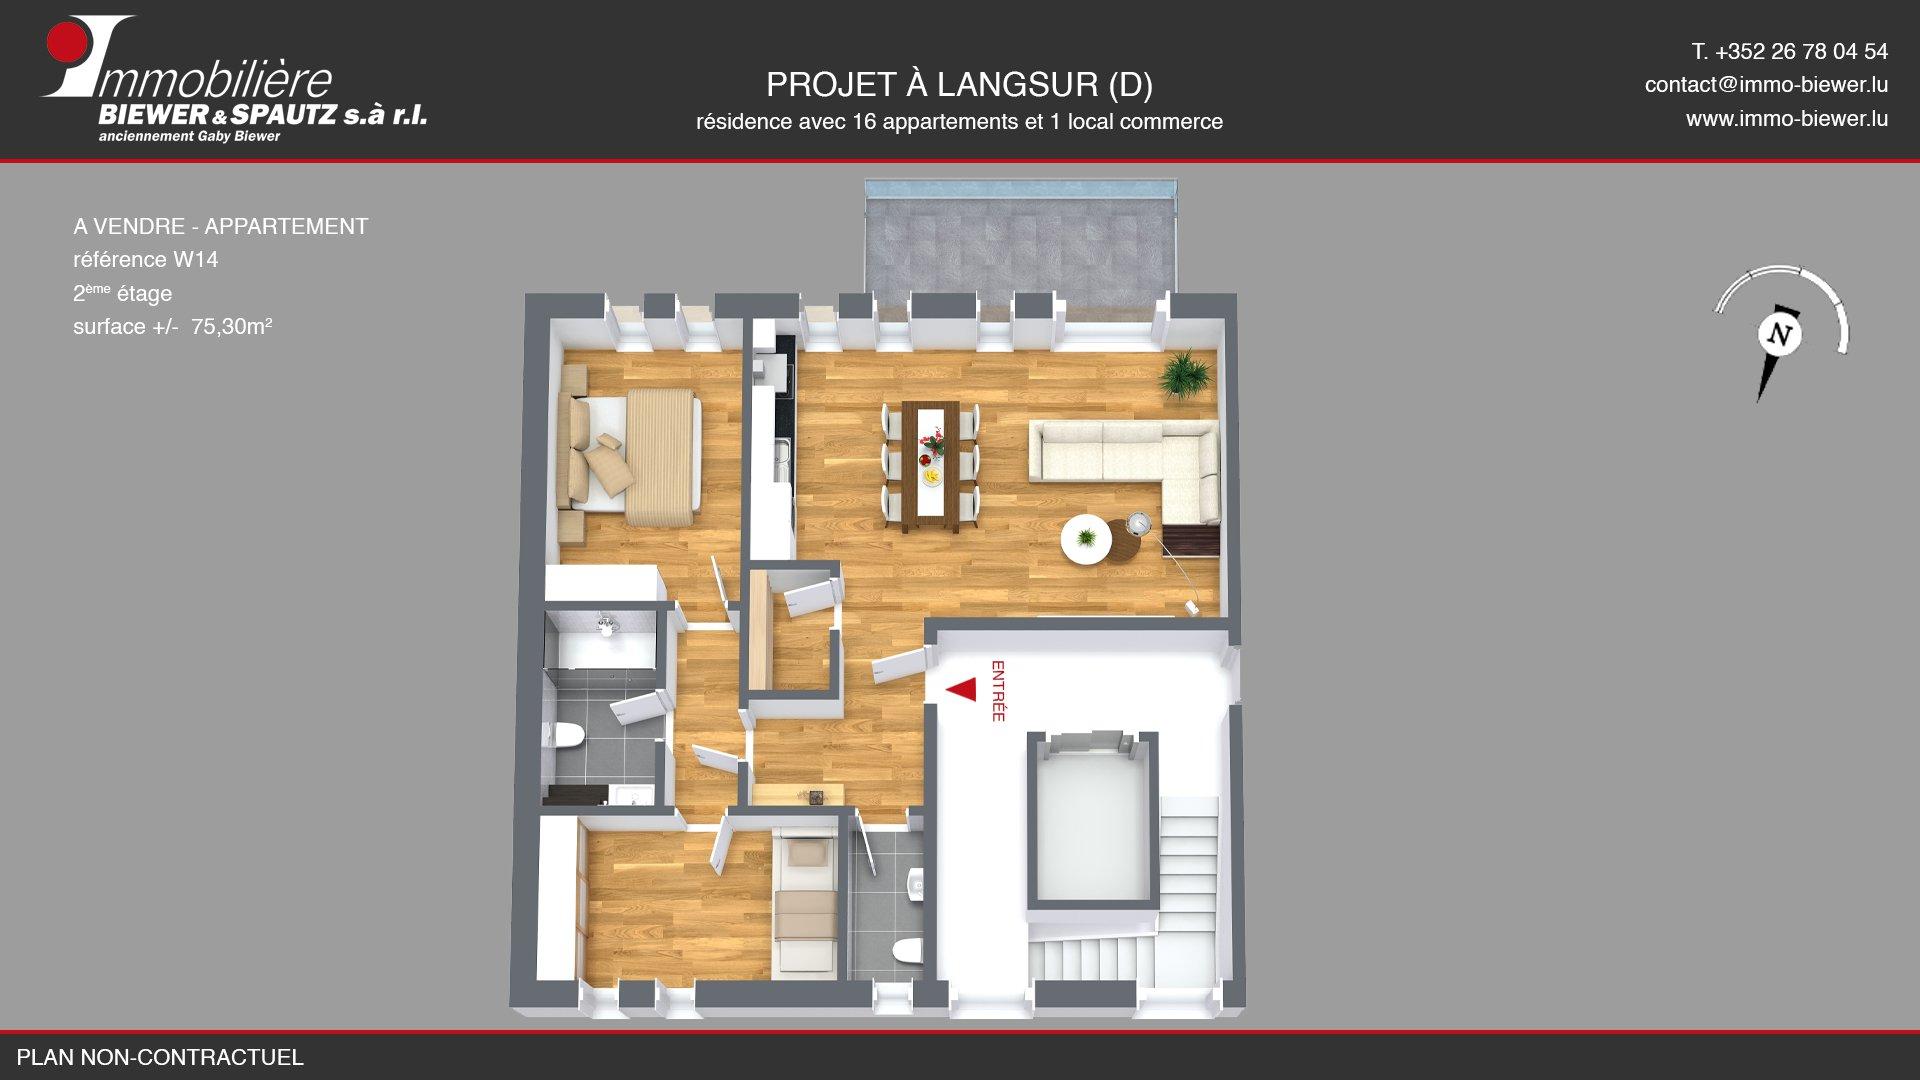 Verkauf Wohnung - Langsur - Deutschland